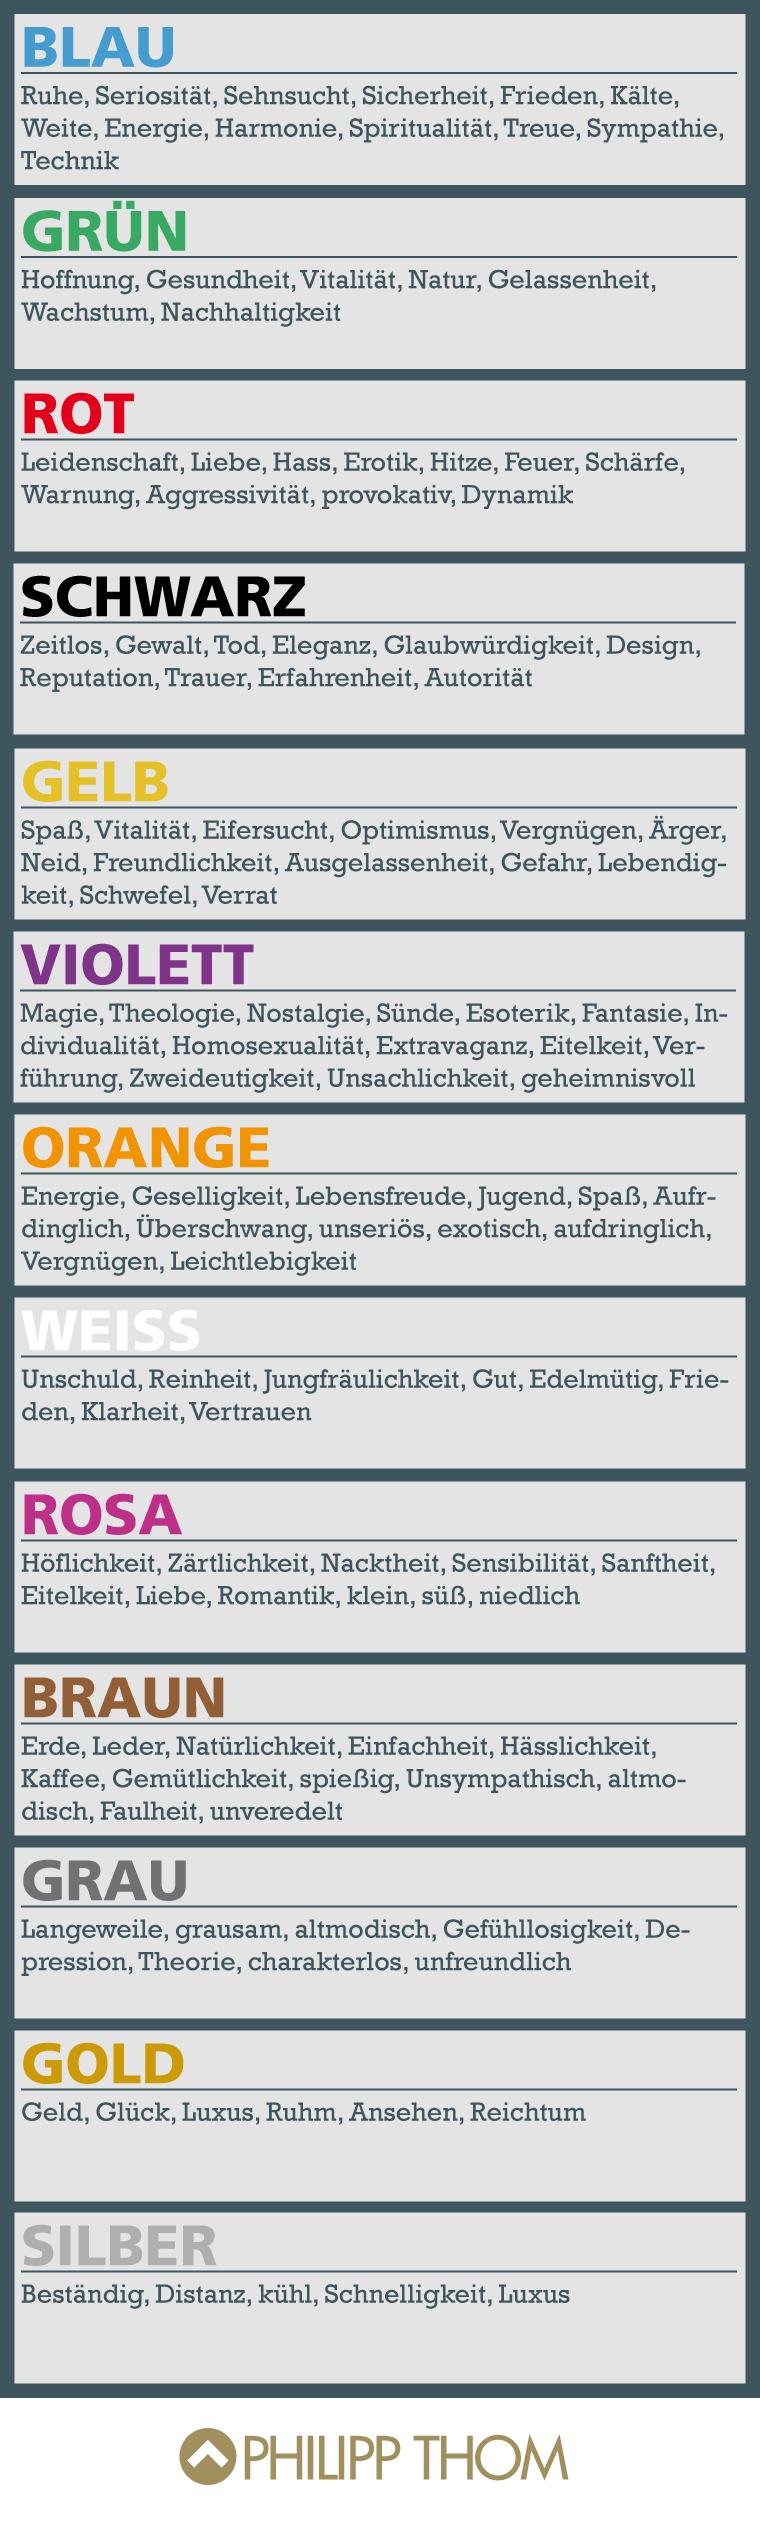 farben und gefühle... von päda.logics! gefunden auf der pinwand ... - Wirkung Von Farben Menschliche Emotionen Anwendung Im Raum 2